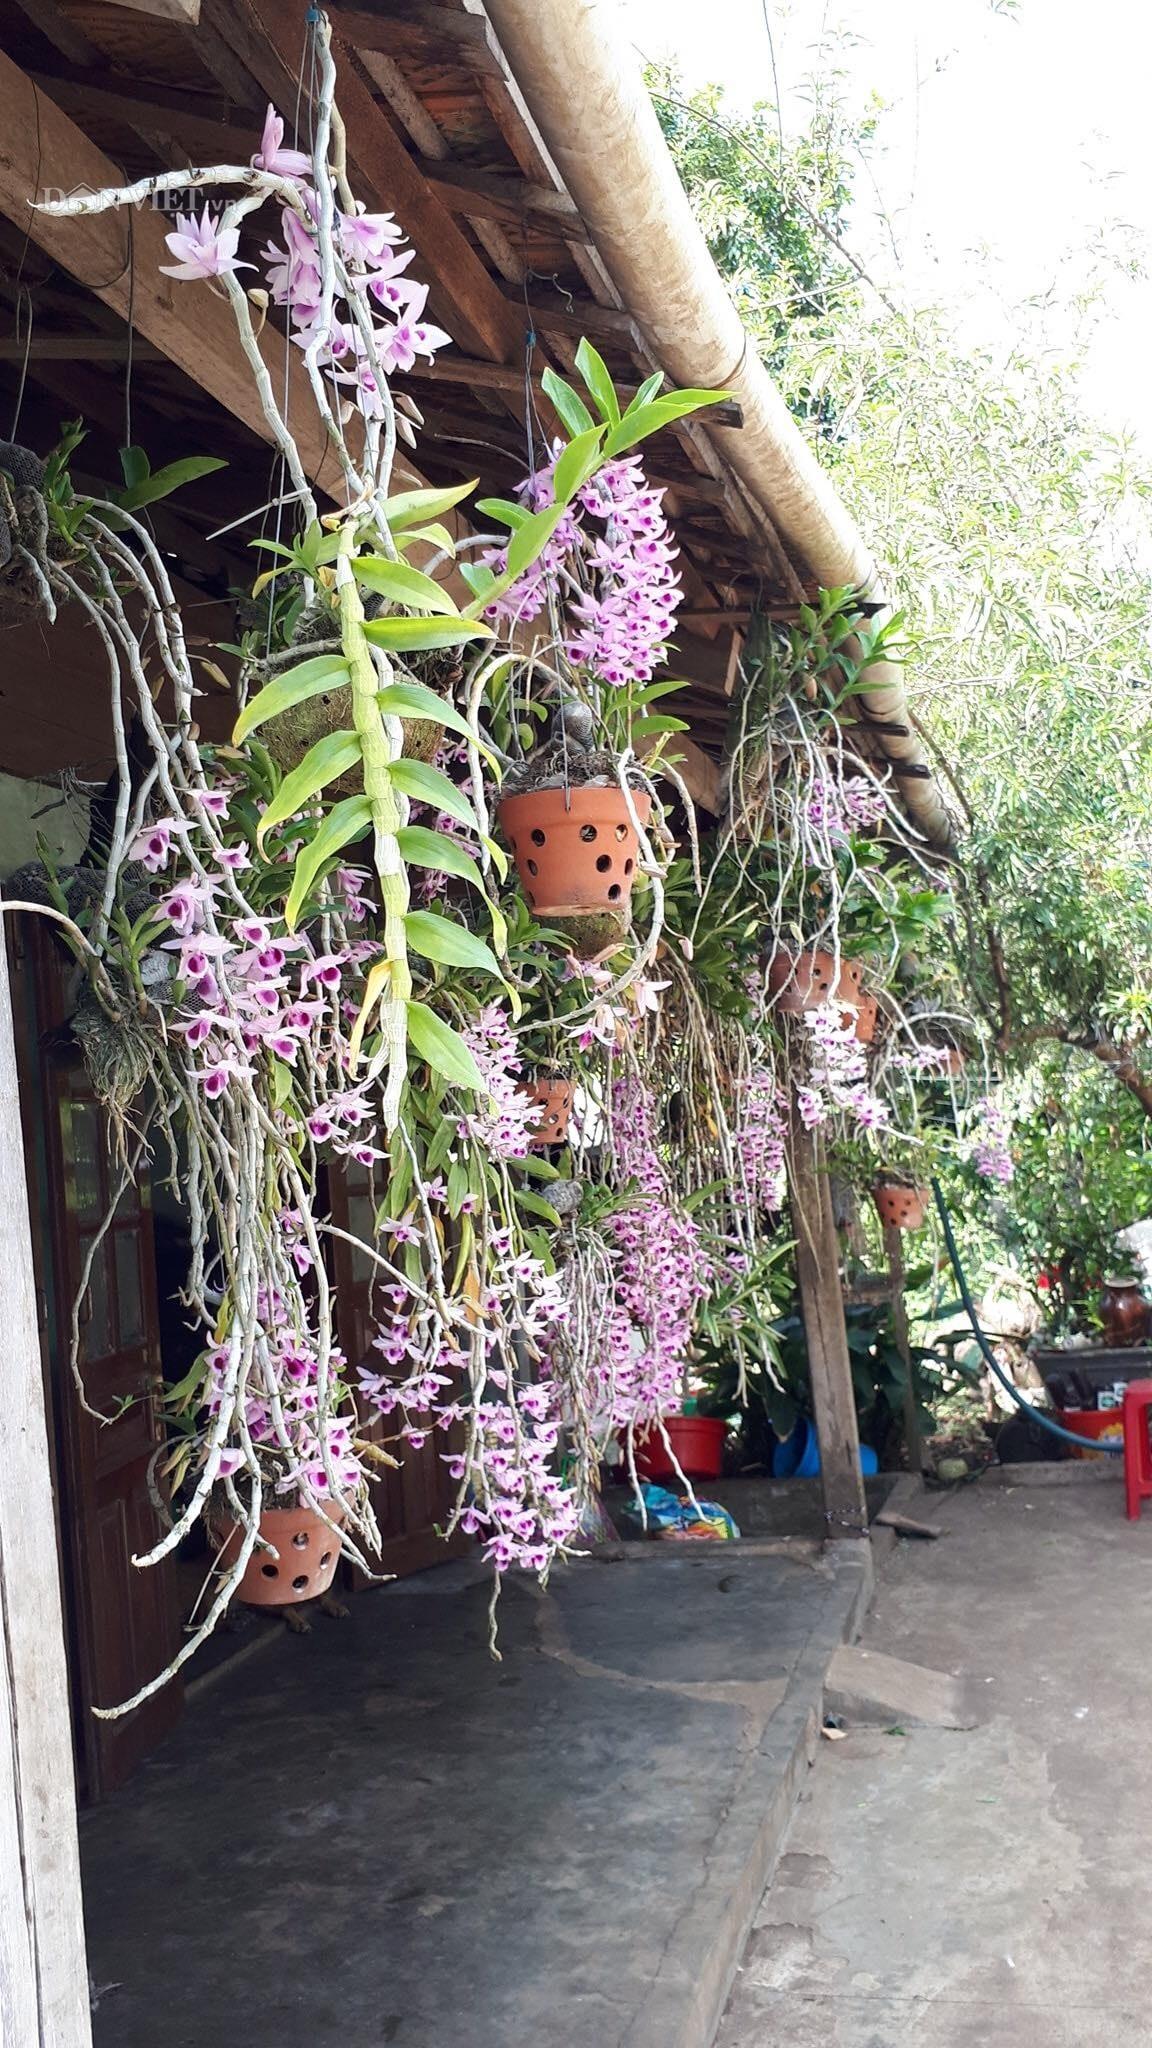 Thềm nhà treo toàn hoa lan rừng quý hiếm của trai 9X tỉnh Đắk Nông